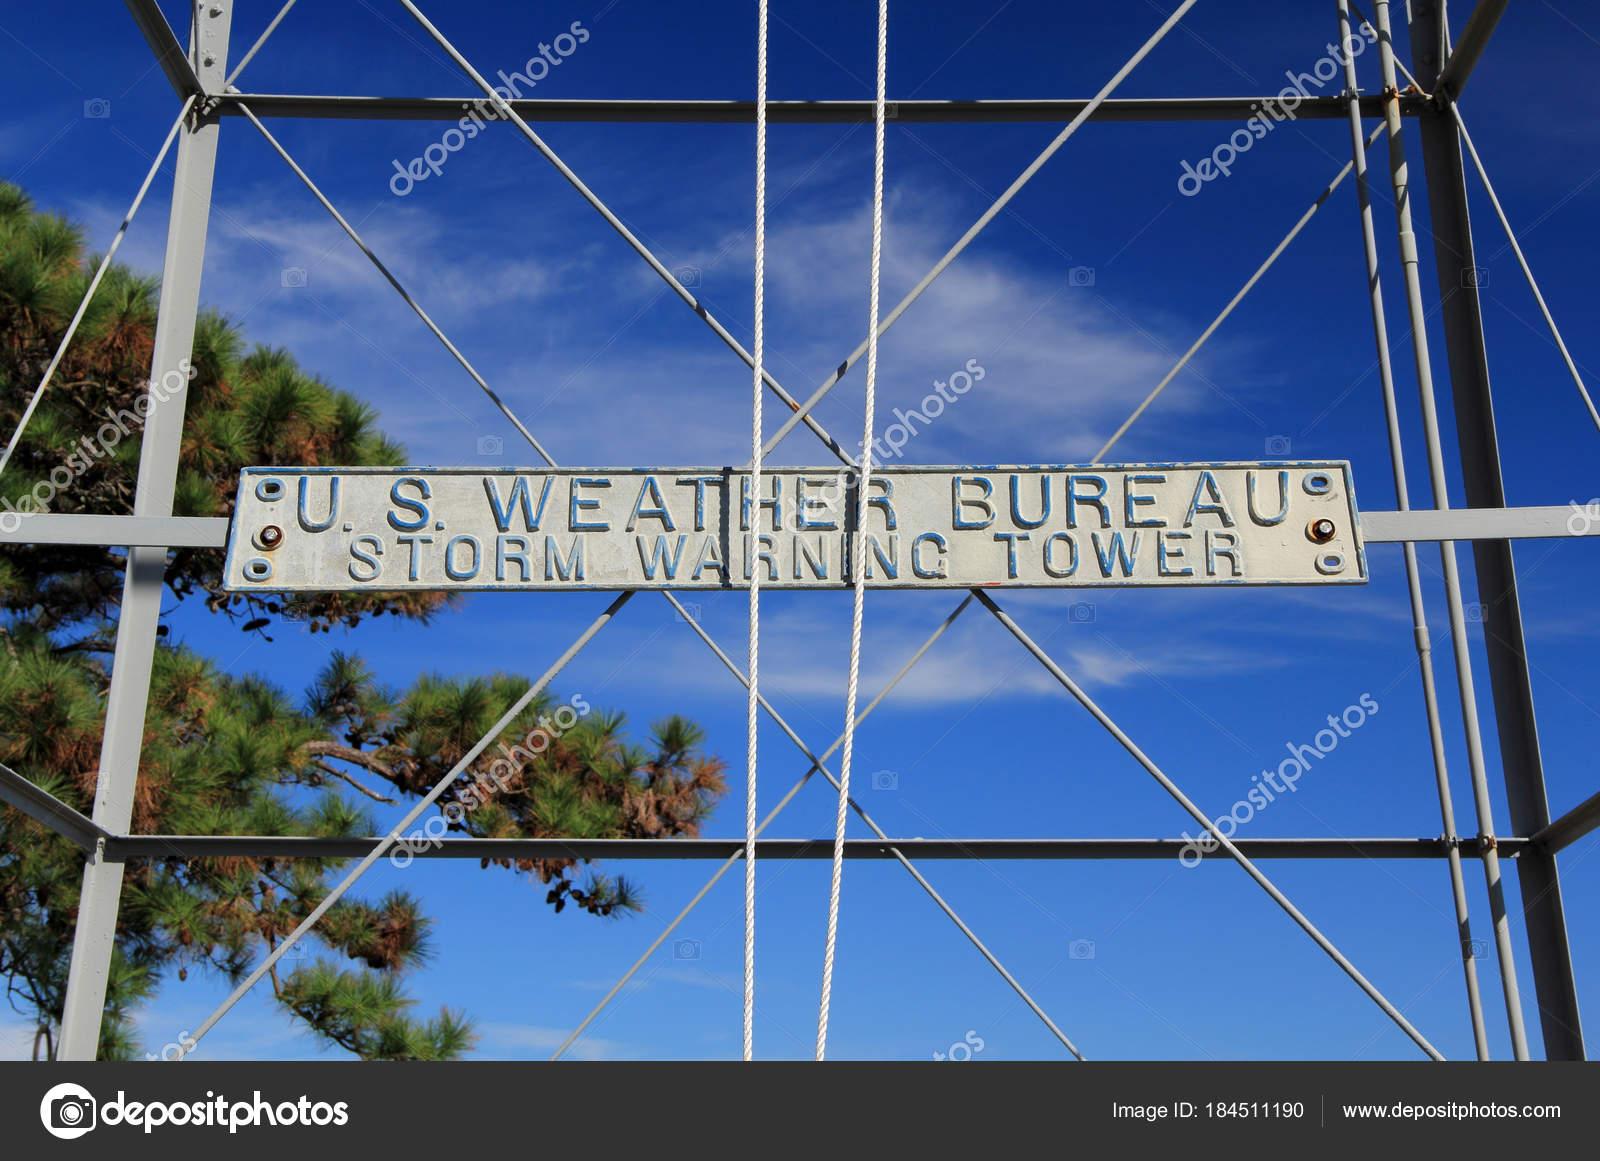 Weather bureau tempestade aviso tower cidade costeira manteo